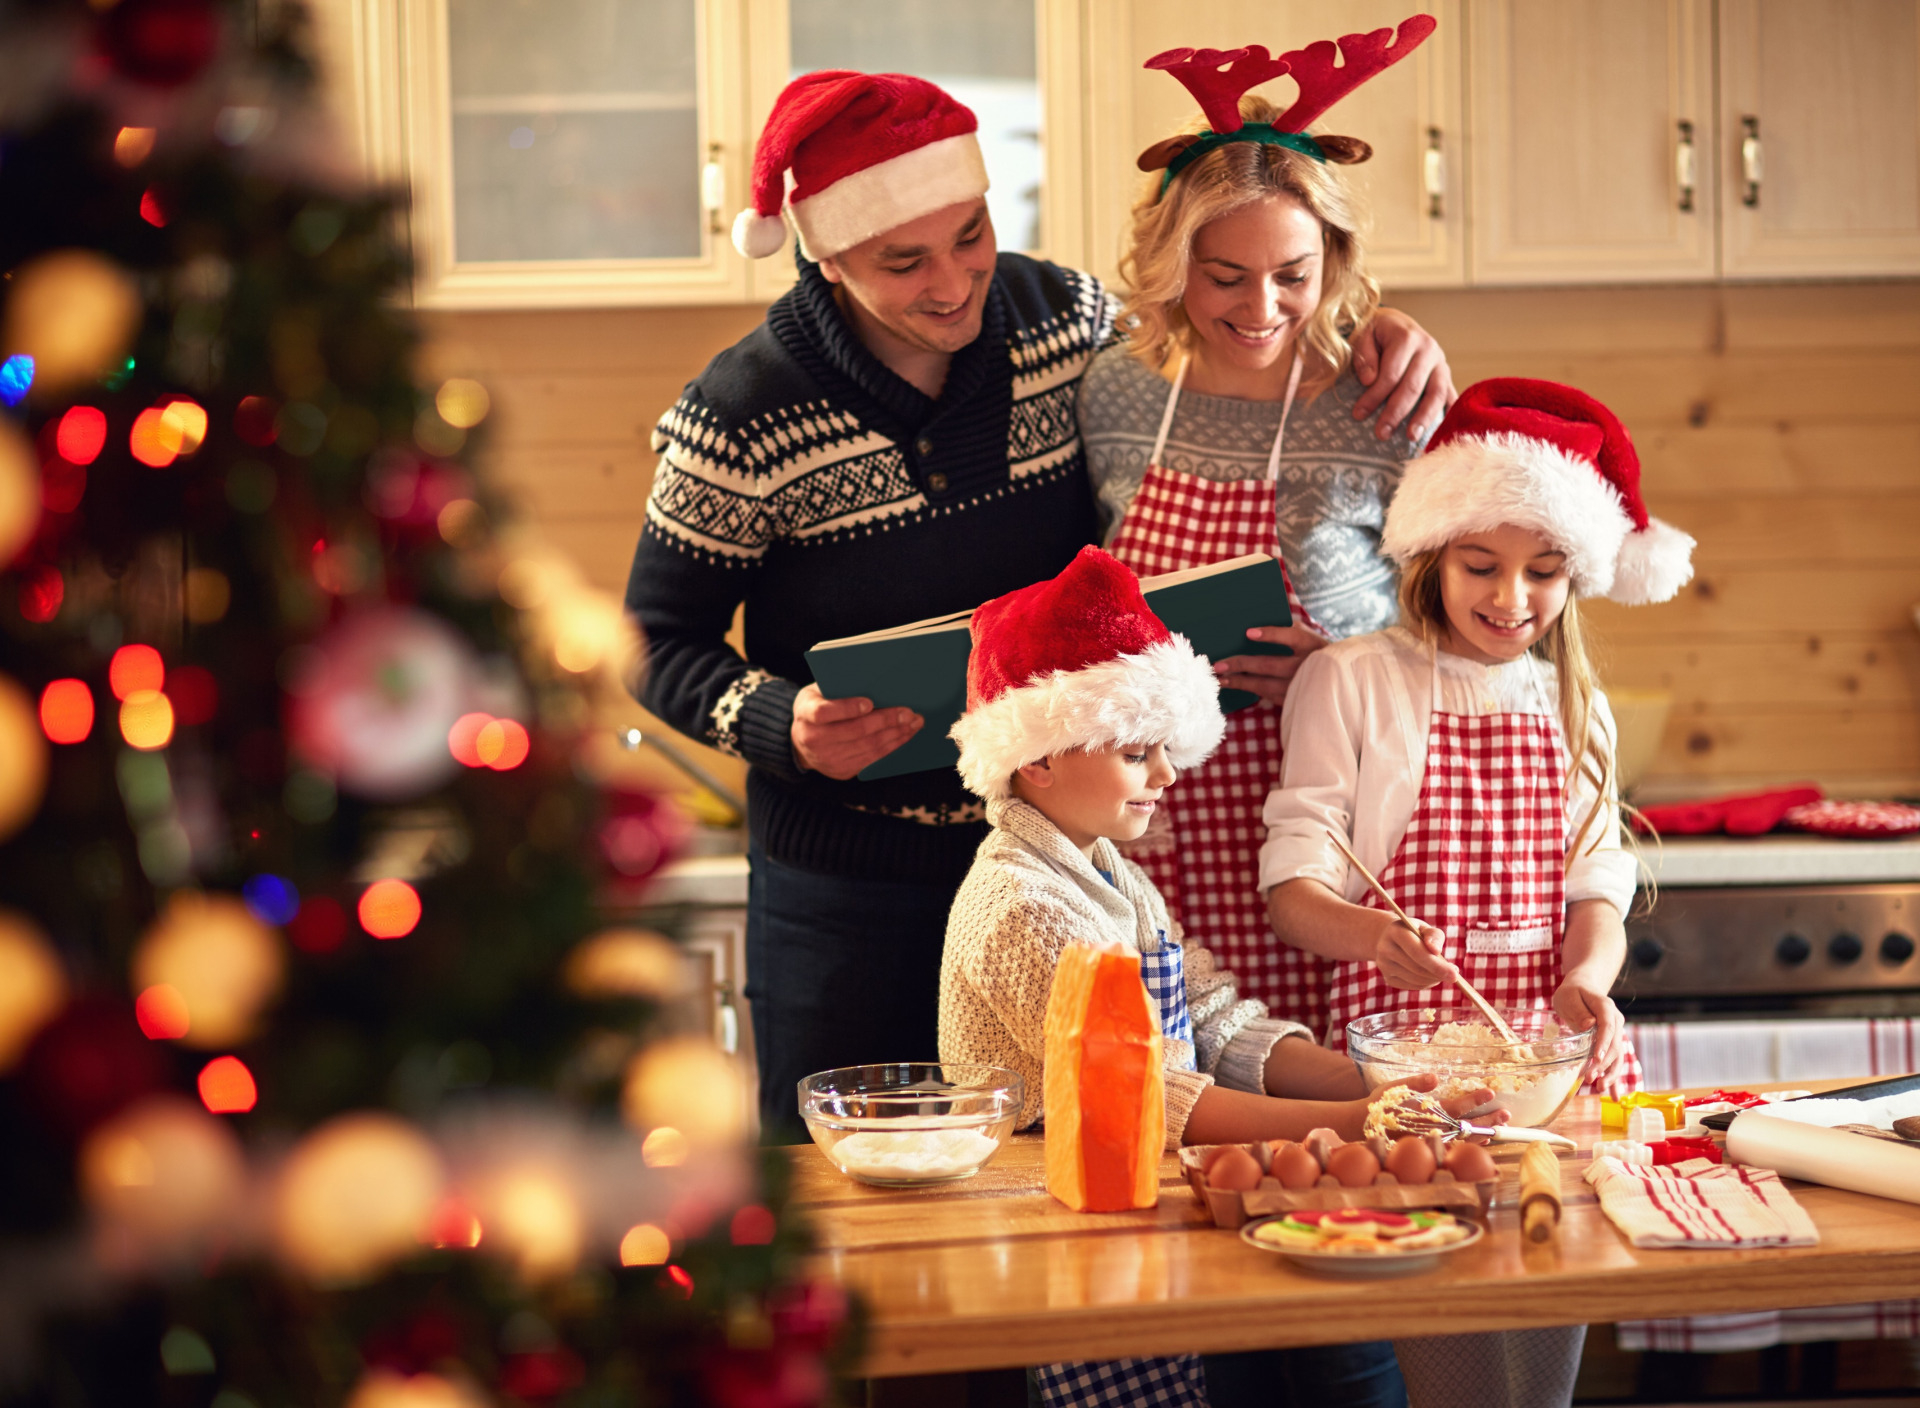 Аналитики узнали, где россияне планируют встретить Новый год